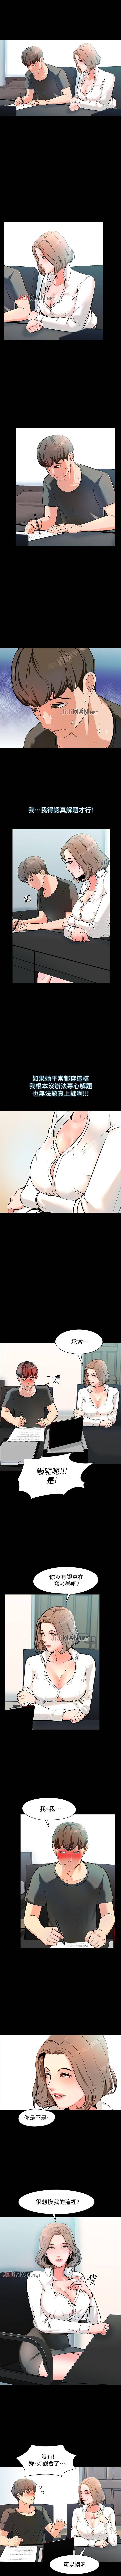 【周一连载】家教老师(作者: CreamMedia) 第1~43话 5